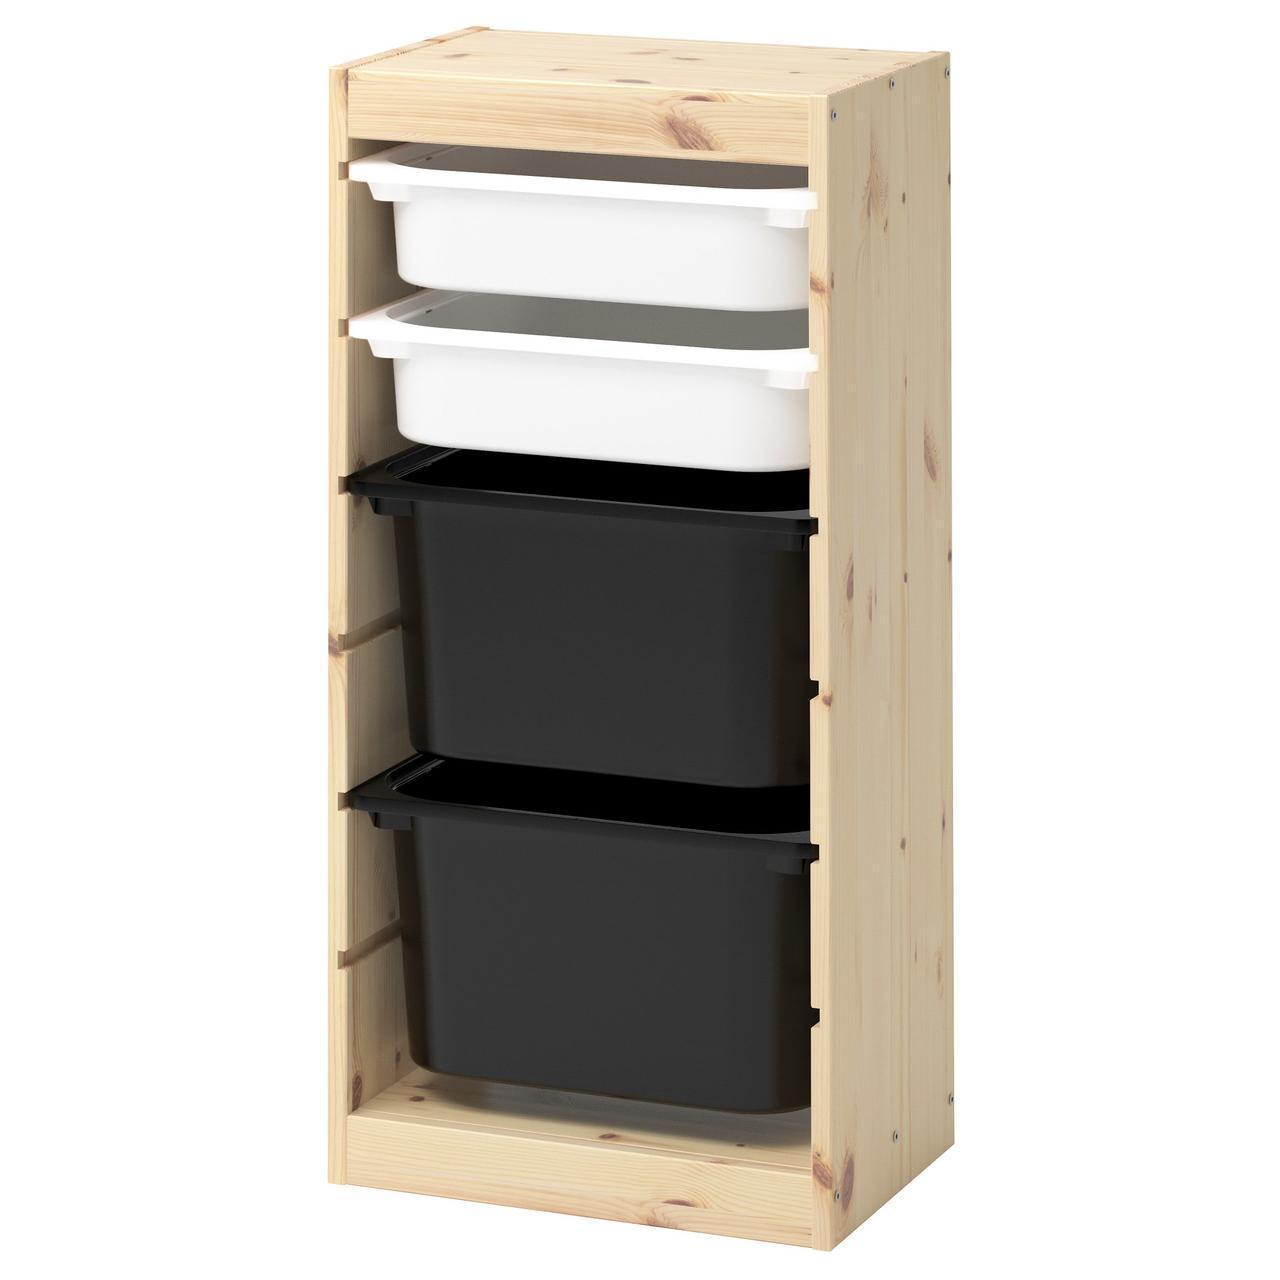 Комод для іграшок IKEA TROFAST 44x30x91 см сосна білий чорний 392.408.91